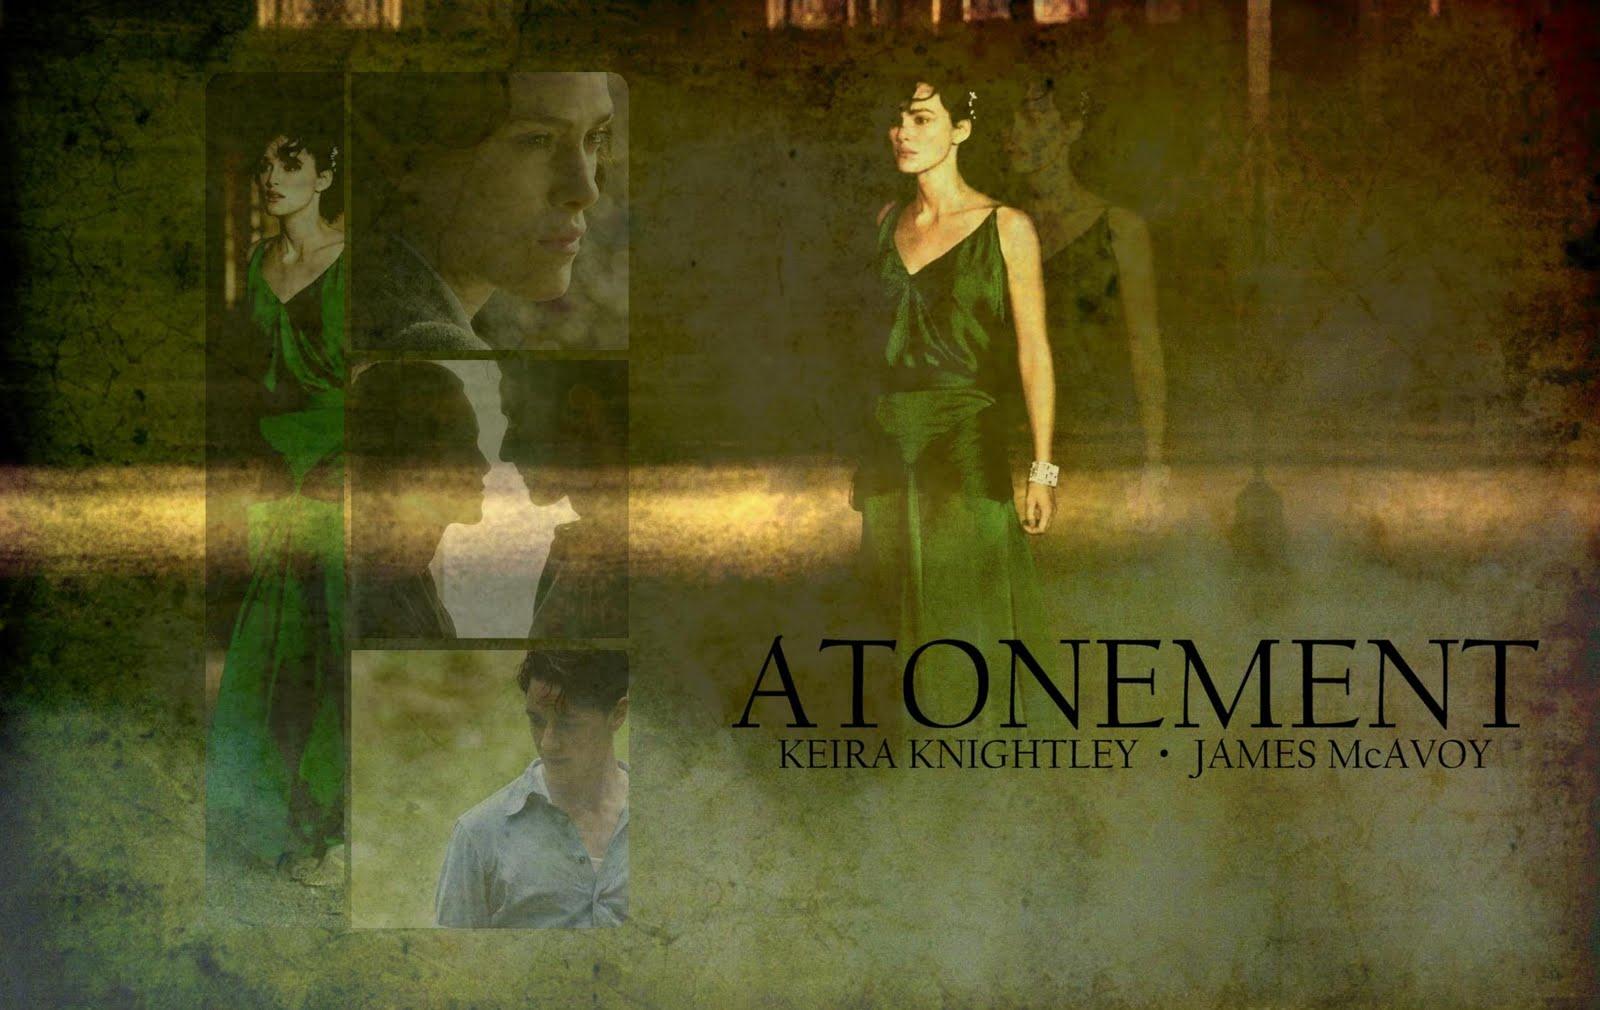 Atonement (soundtrack)